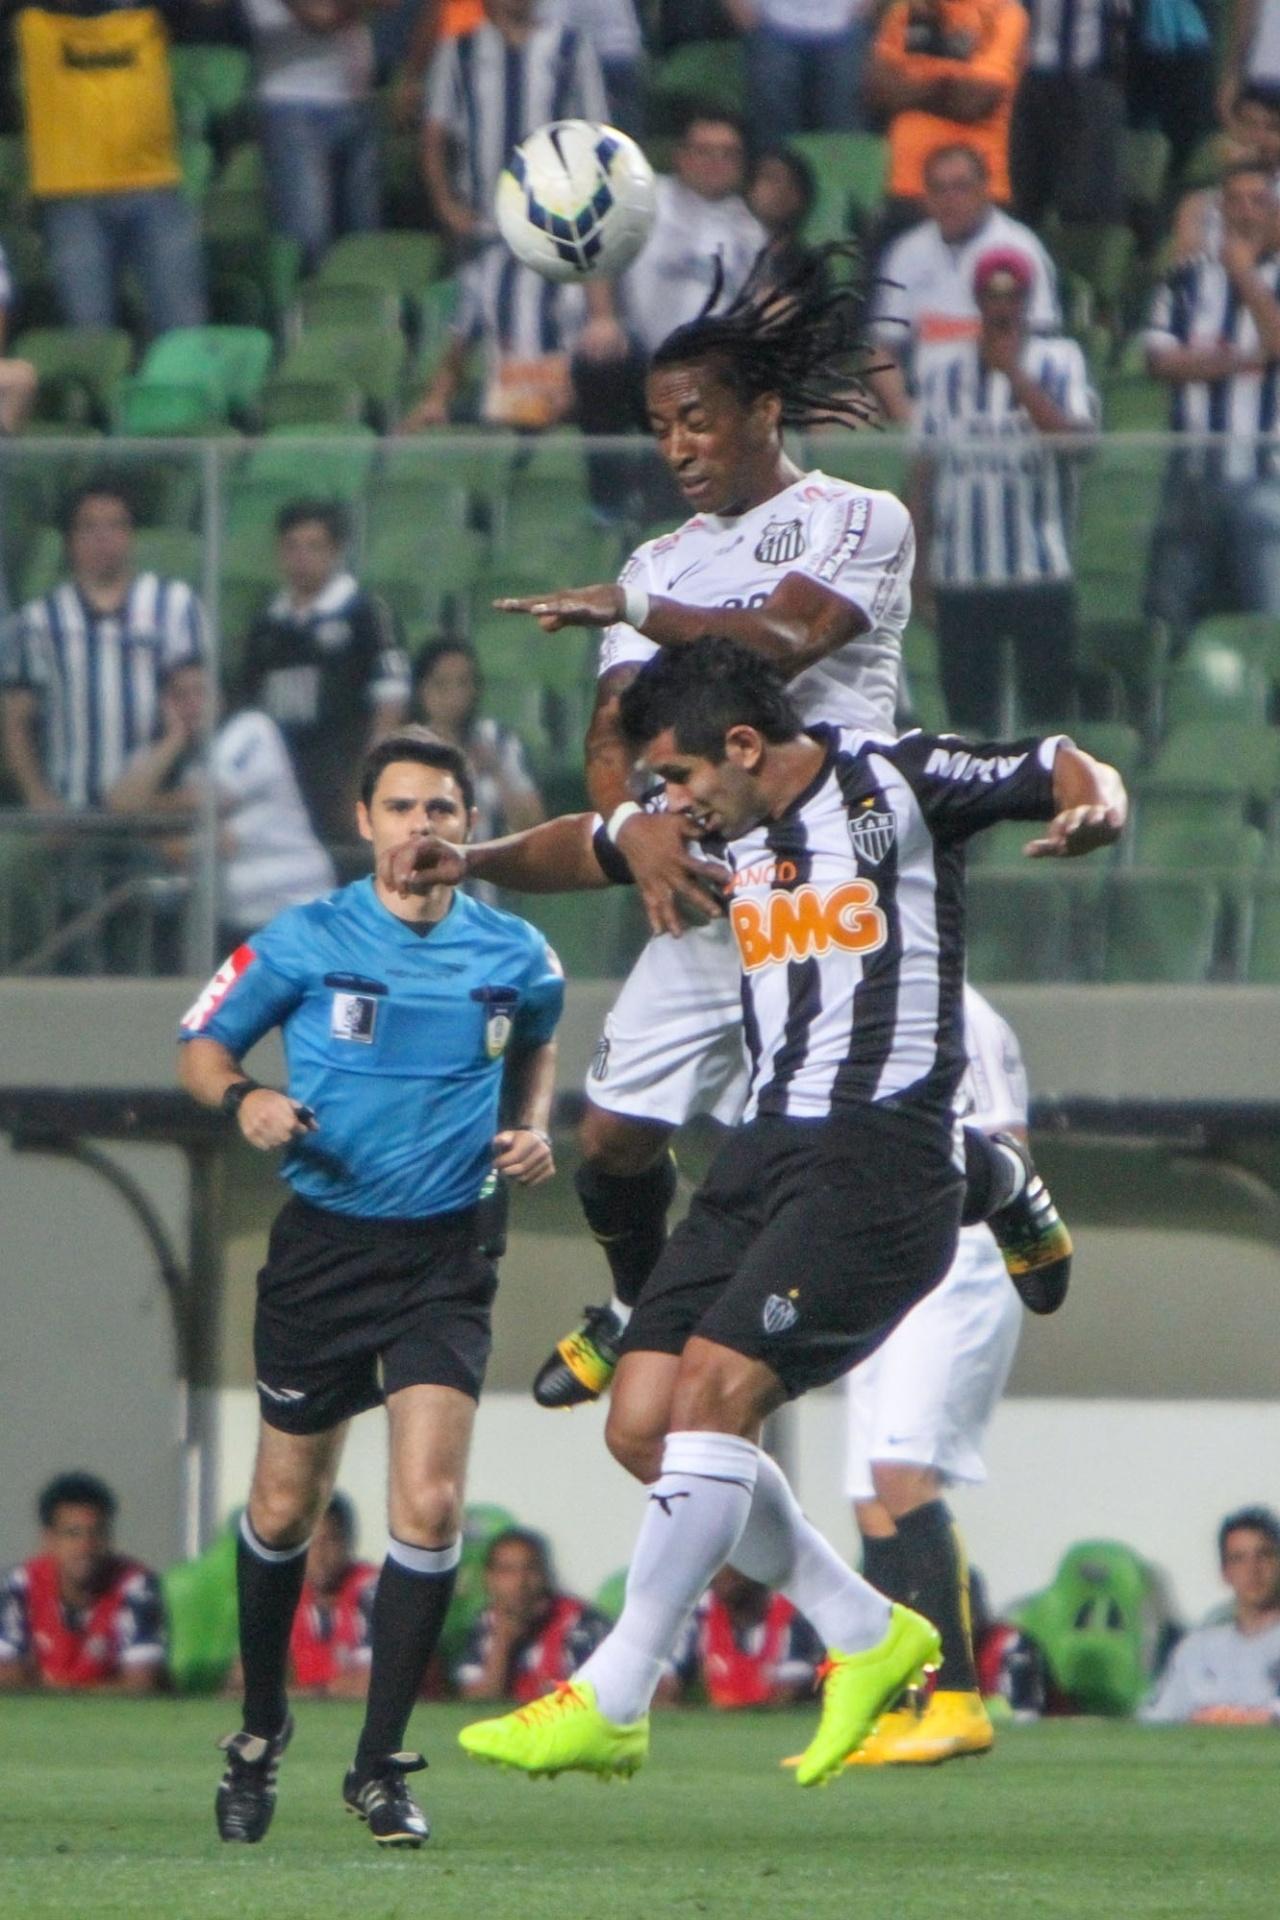 Arouca, do Santos, ganha de cabeça de guilherme, do Atlético-MG